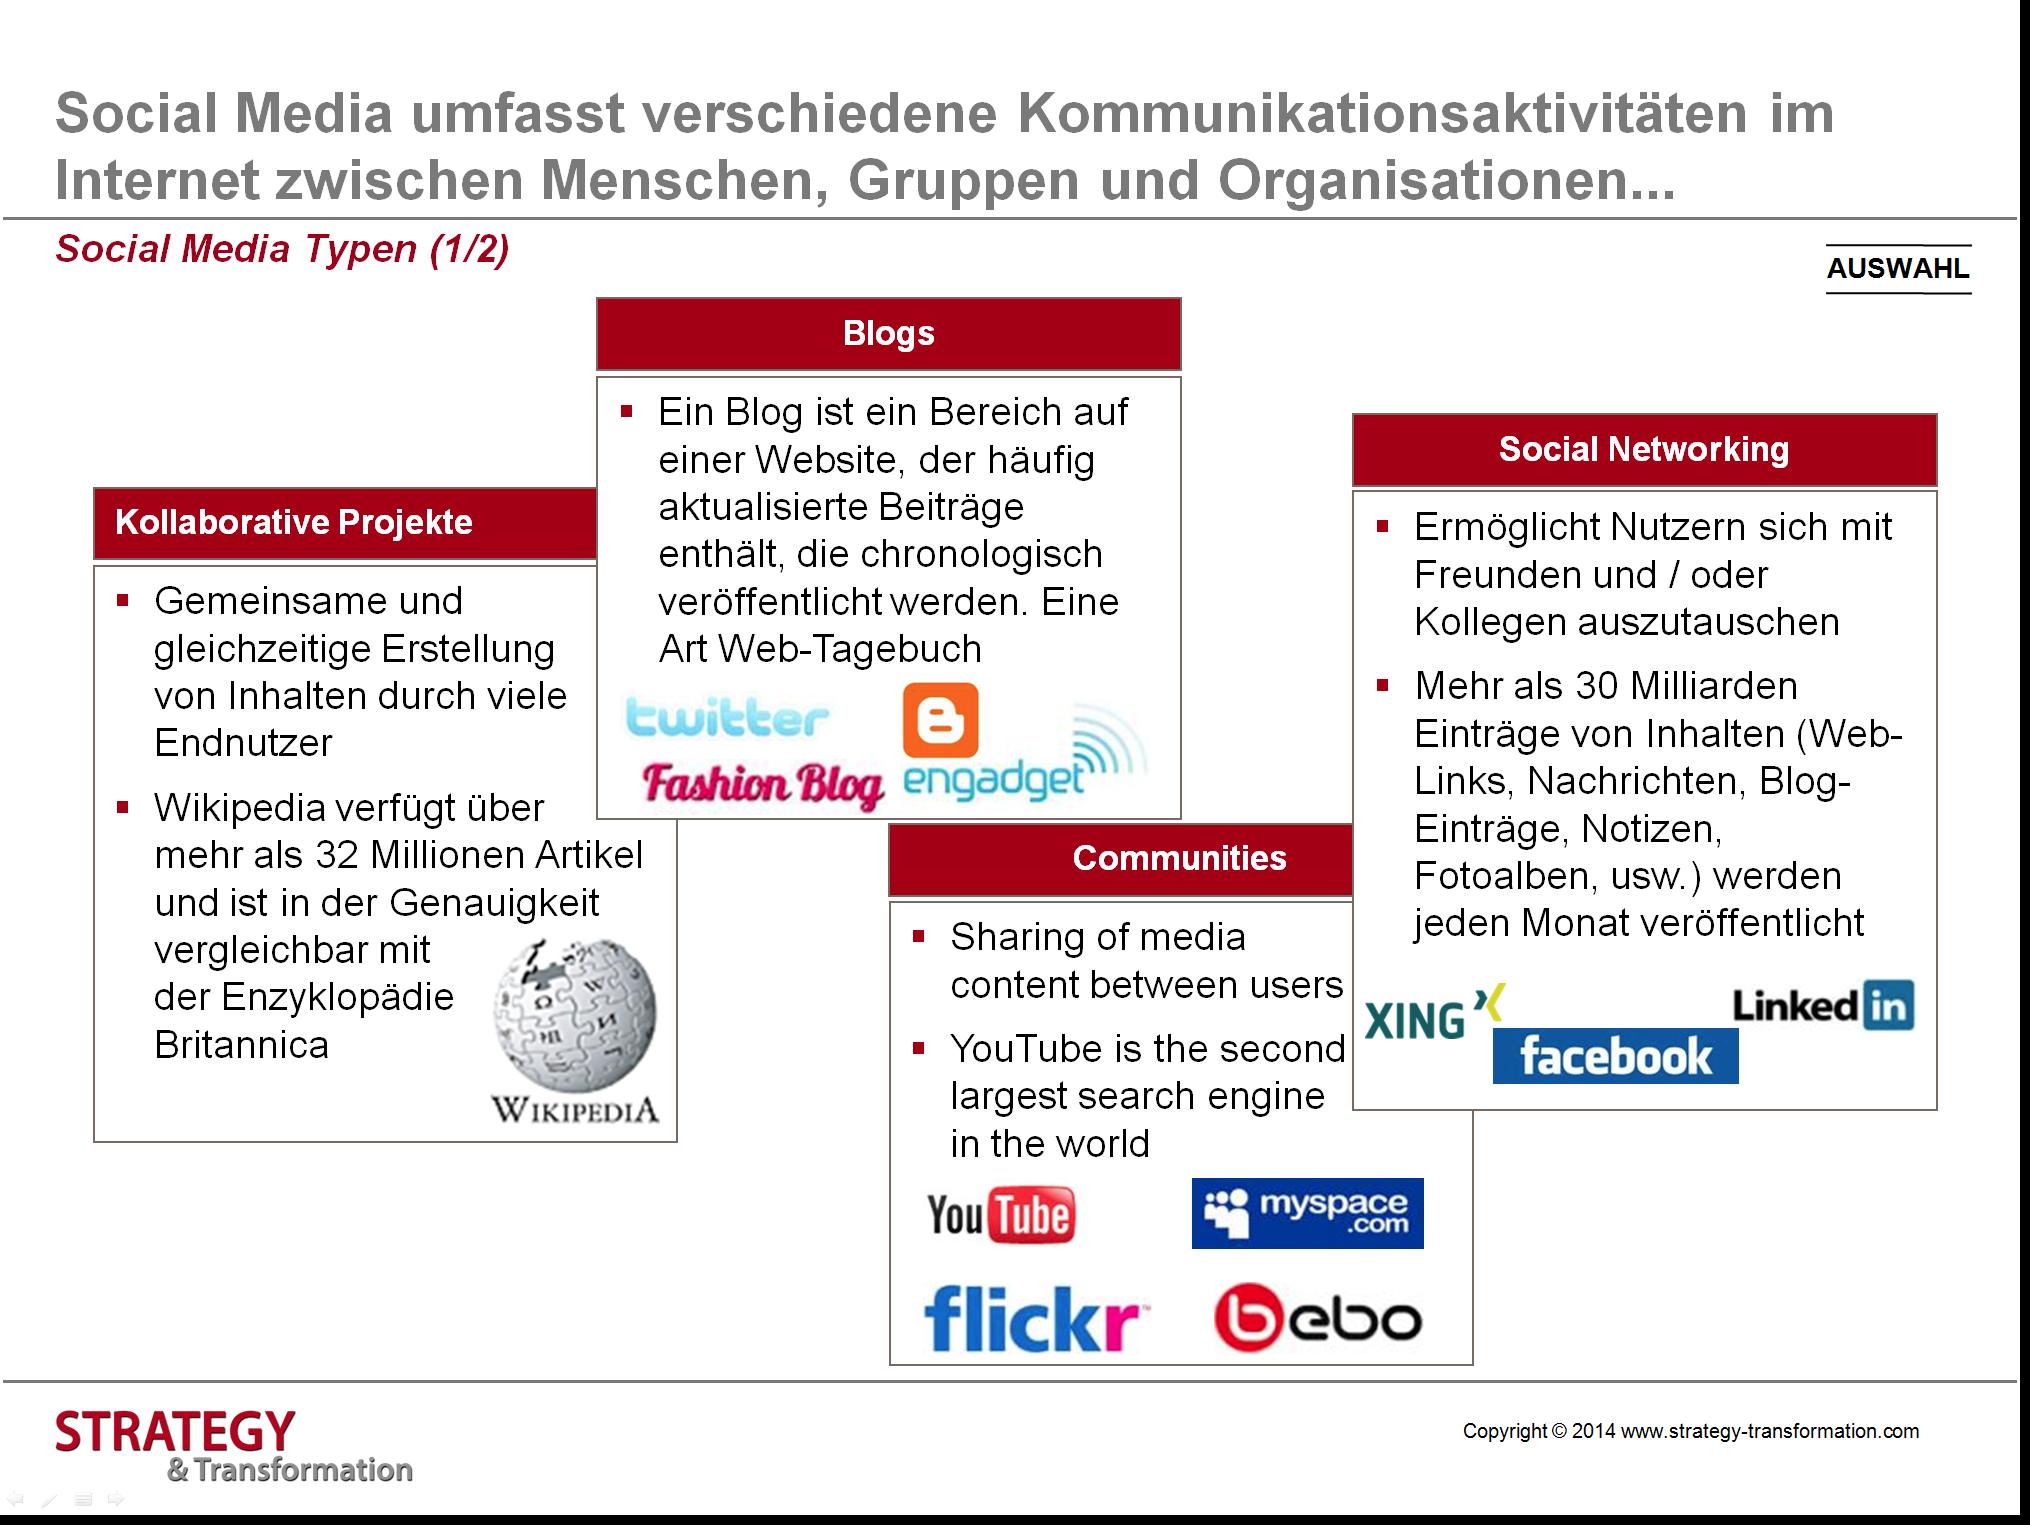 Social Media verstehen_Social Media Typen_1 von 2